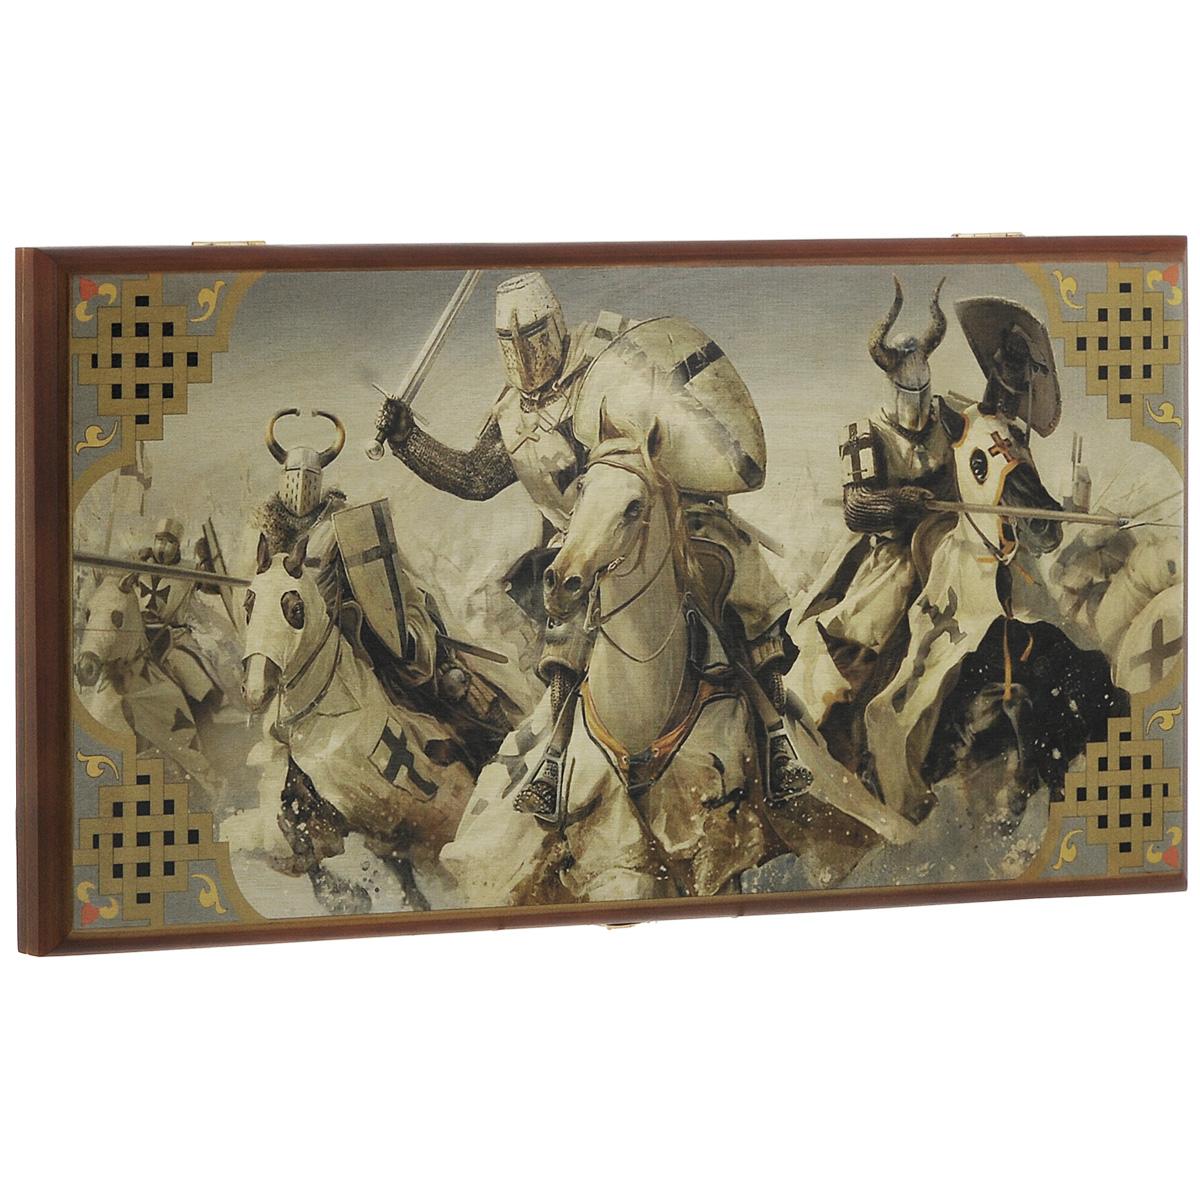 Игровой набор 3в1 Perfecto Крестоносцы: нарды, шахматы, шашки, размер: 50х25х4 см. 290msh290mshНарды Крестоносцы упакованы в деревянный лакированный кейс, оформленный оригинальным изображением и дополнительным полем для игры в шашки и шахматы. Кейс закрывается на металлический замок. Внутренняя часть кейса представляет собой игровое поле. В наборе - 2 игральных кубика, деревянные шашки и шахматные фигуры. Цель игры состоит в том, чтобы сначала привести шашки в свой дом (мешая в тоже время сделать это сопернику), а затем, когда это удалось сделать, снять их с доски быстрее соперника. Побеждает тот, кто первым снял свои шашки, но победы в нардах имеют разную цену. Нарды - древняя восточная игра. Родина этой игры неизвестна, однако известно, что люди играют в эту игру уже более 7000 лет. На игровой доске для нард все кратно шести и имеет связь со временем. 24 пункта представляют 24 часа, 30 шашек представляют 30 дней в месяце, 12 пунктов на каждой стороне доски символизируют 12 месяцев. Нарды могут стать отличным подарком...